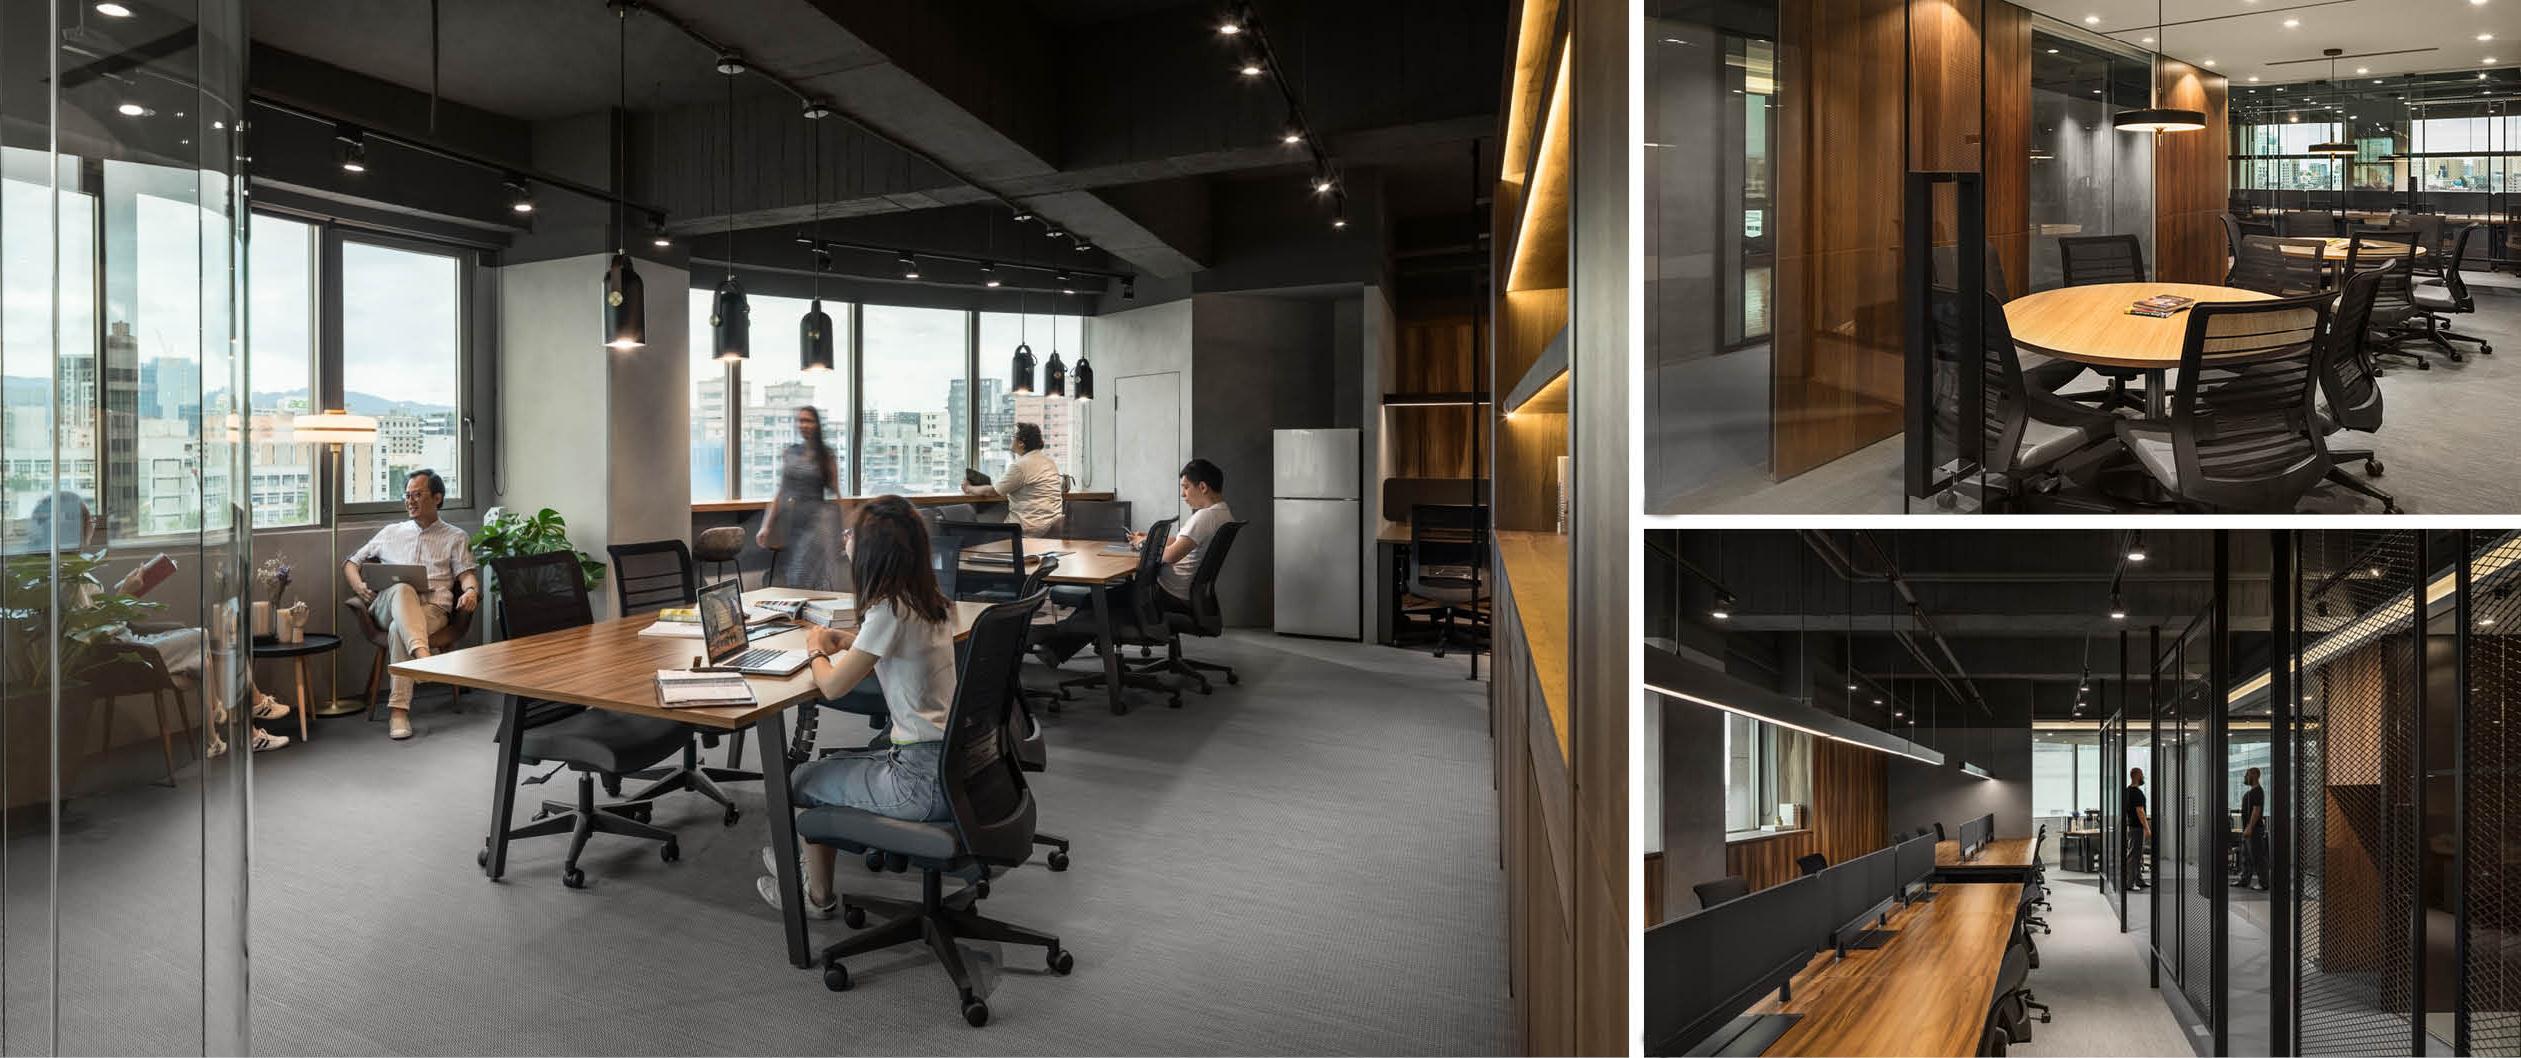 P083空間設計-伊歐設計1P(印刷用)2019-04-023